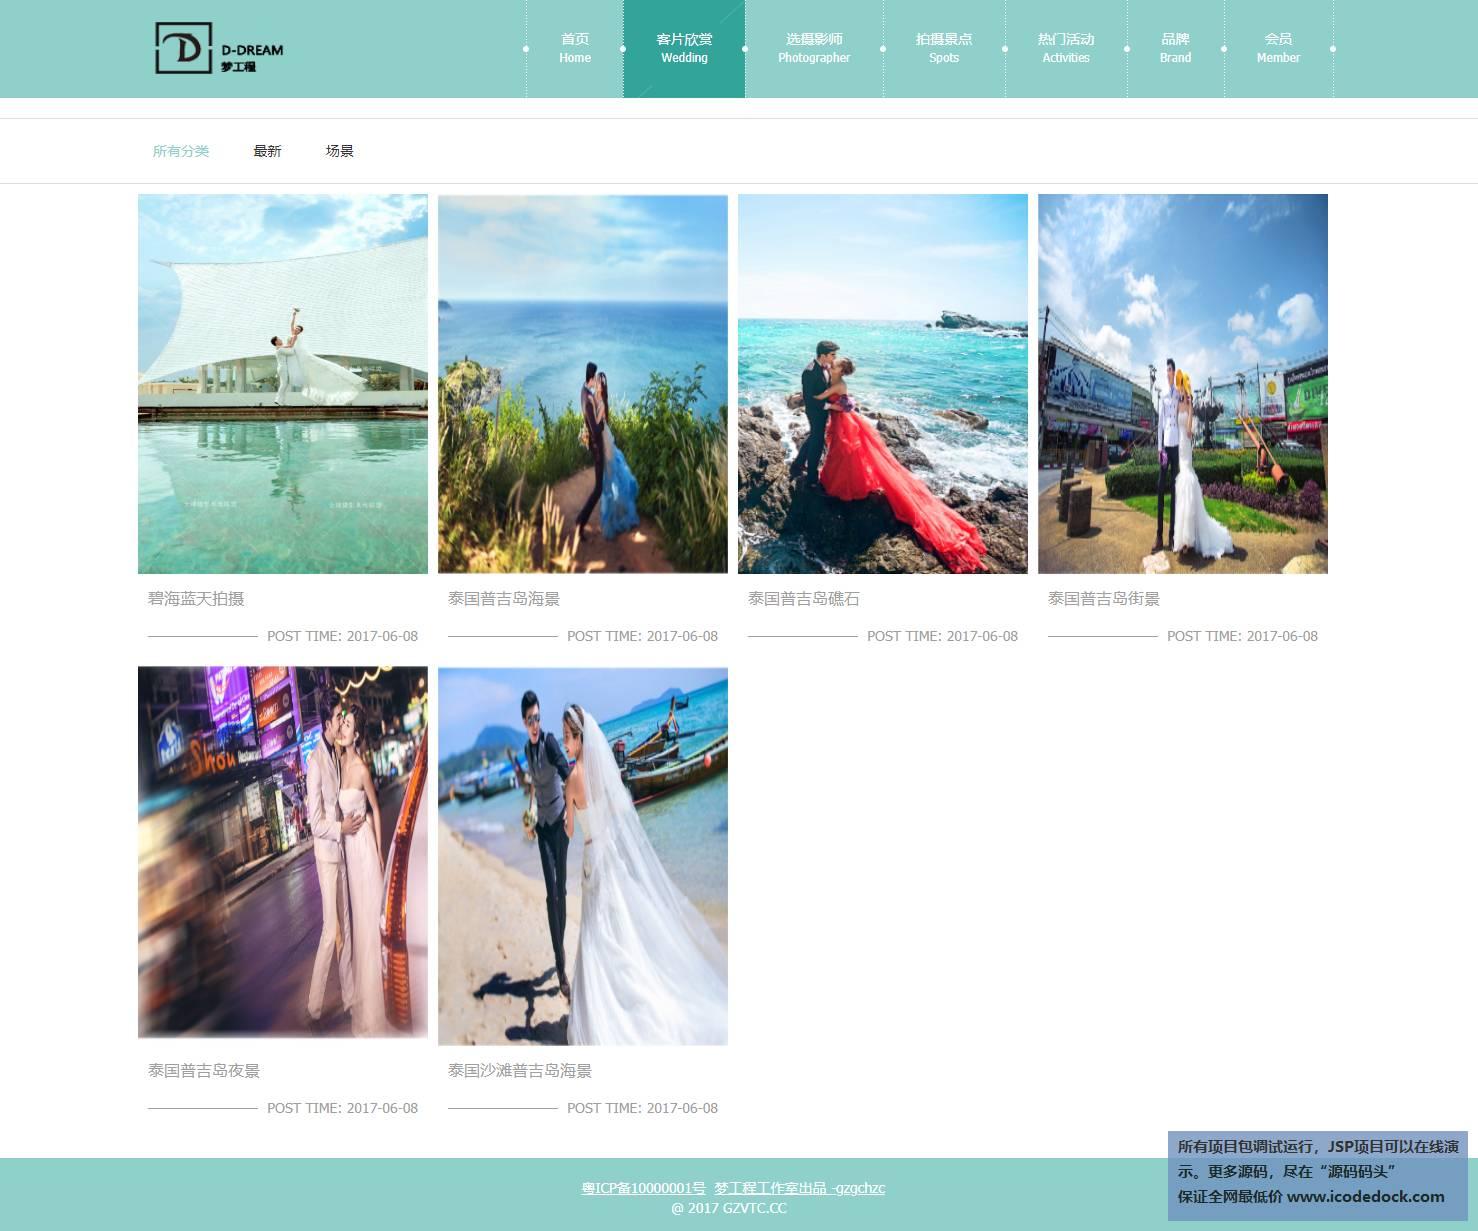 源码码头-SpringBoot婚纱影楼摄影预约网站-客户角色-客片欣赏